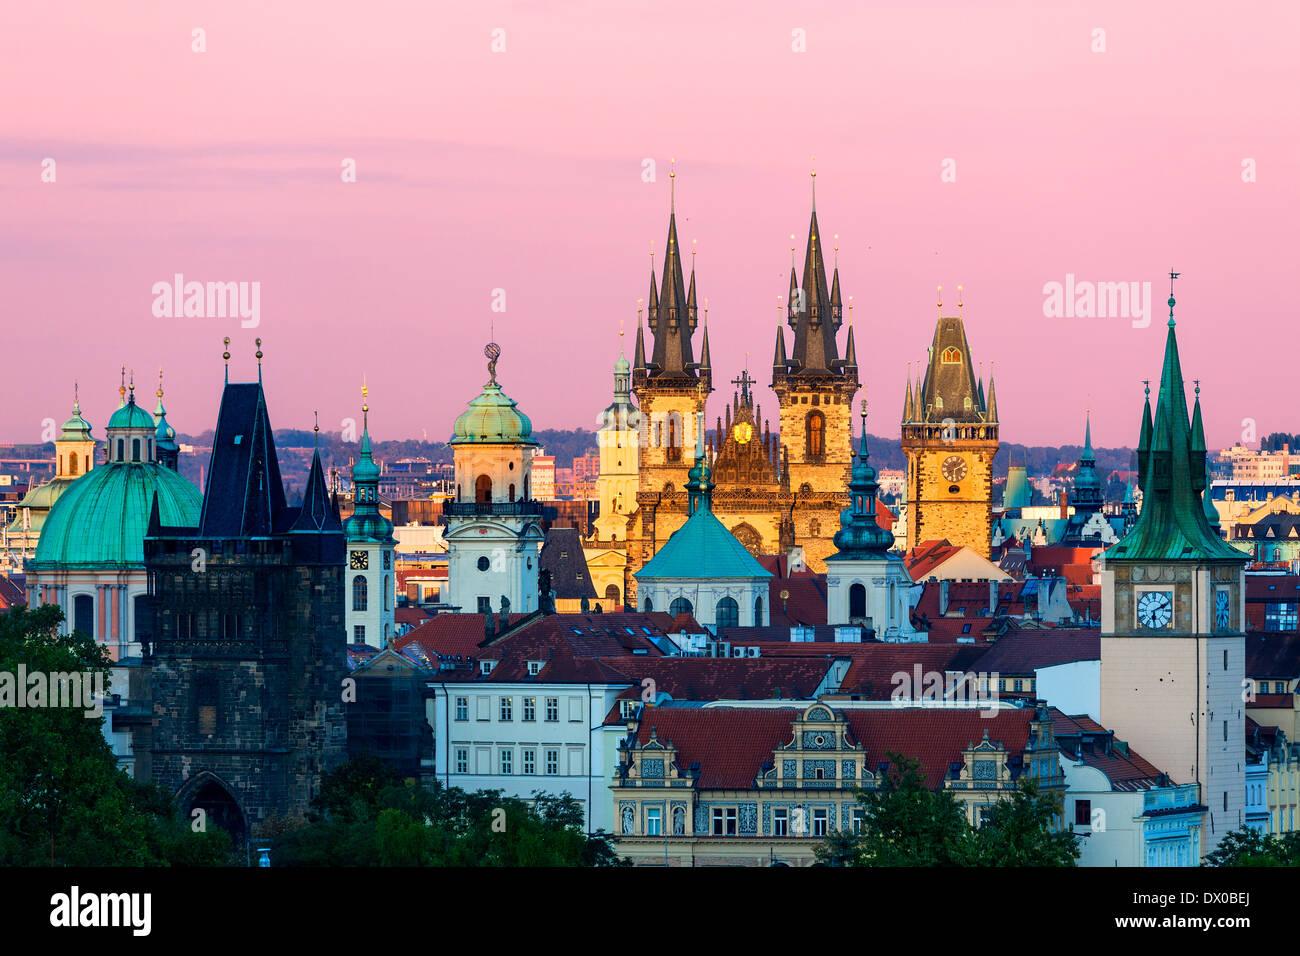 Repubblica ceca, Skyline di Praga al crepuscolo Immagini Stock